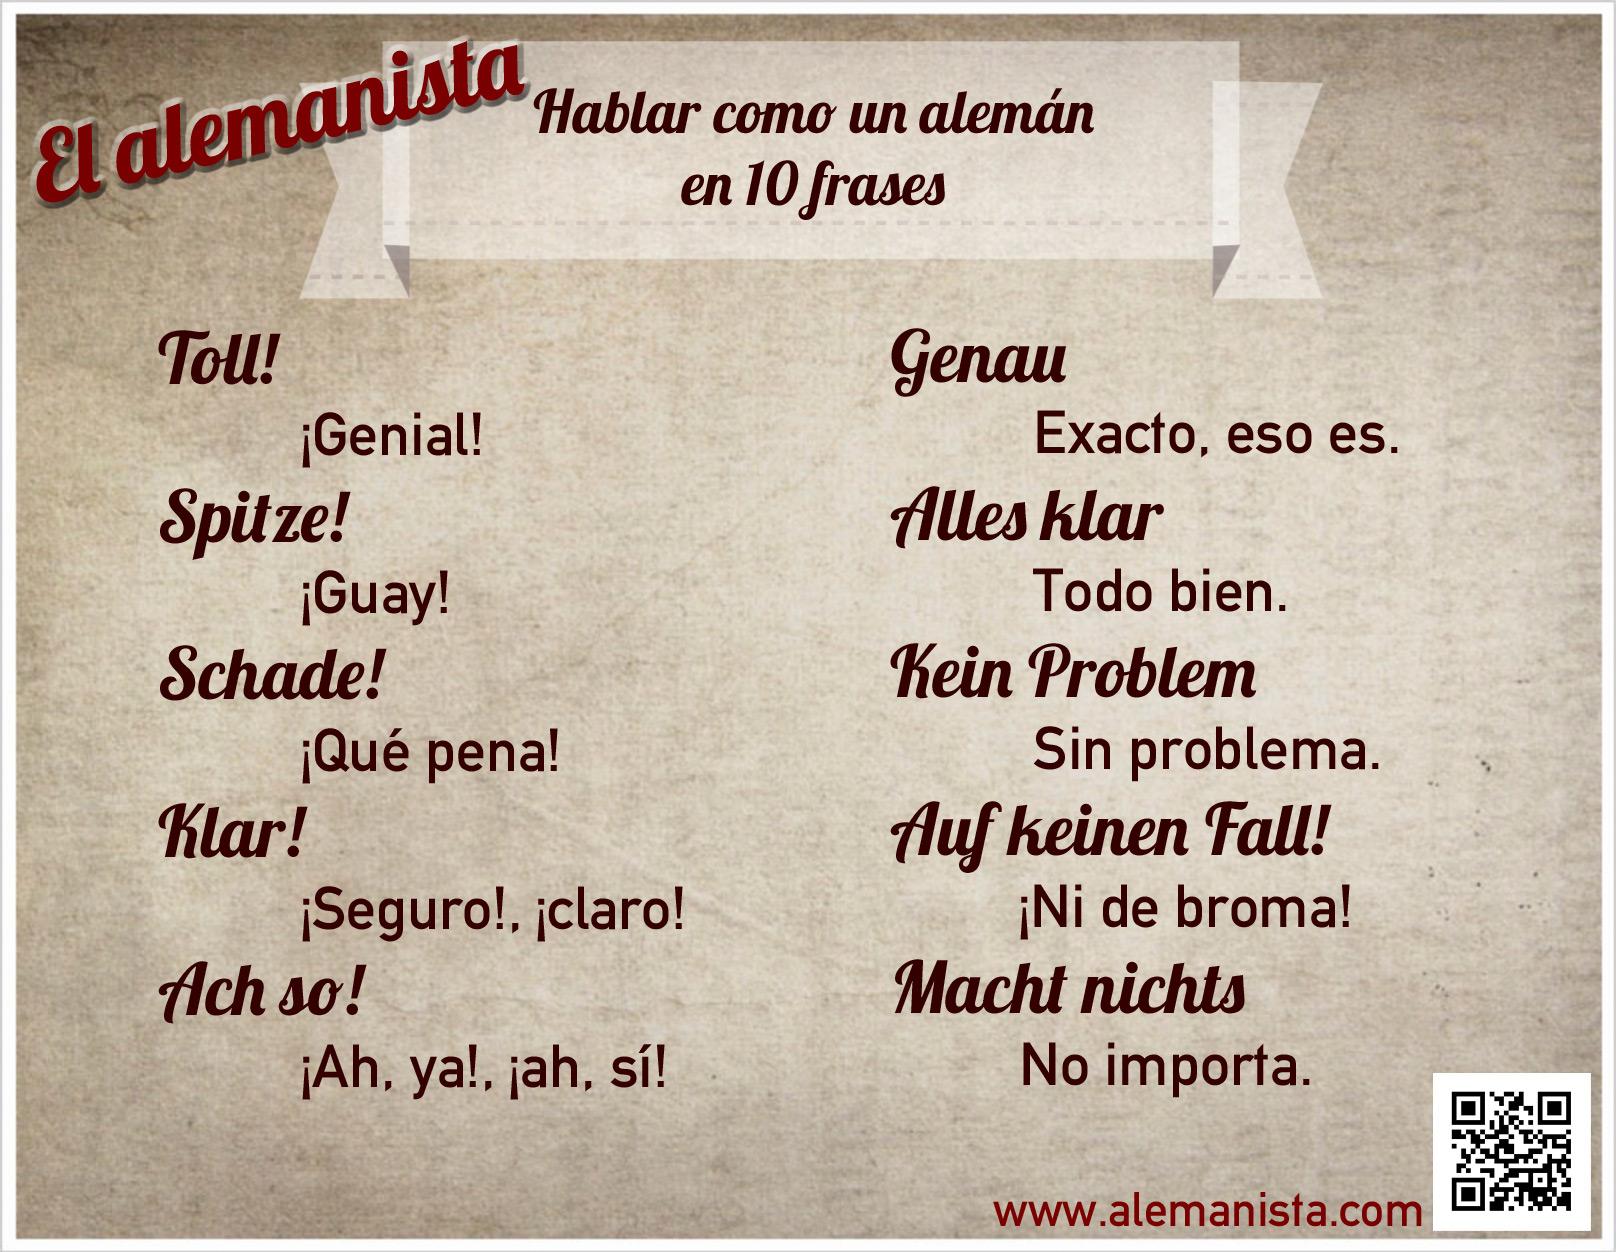 Hablar como un alem n en 10 frases el alemanista for Expresiones cortas